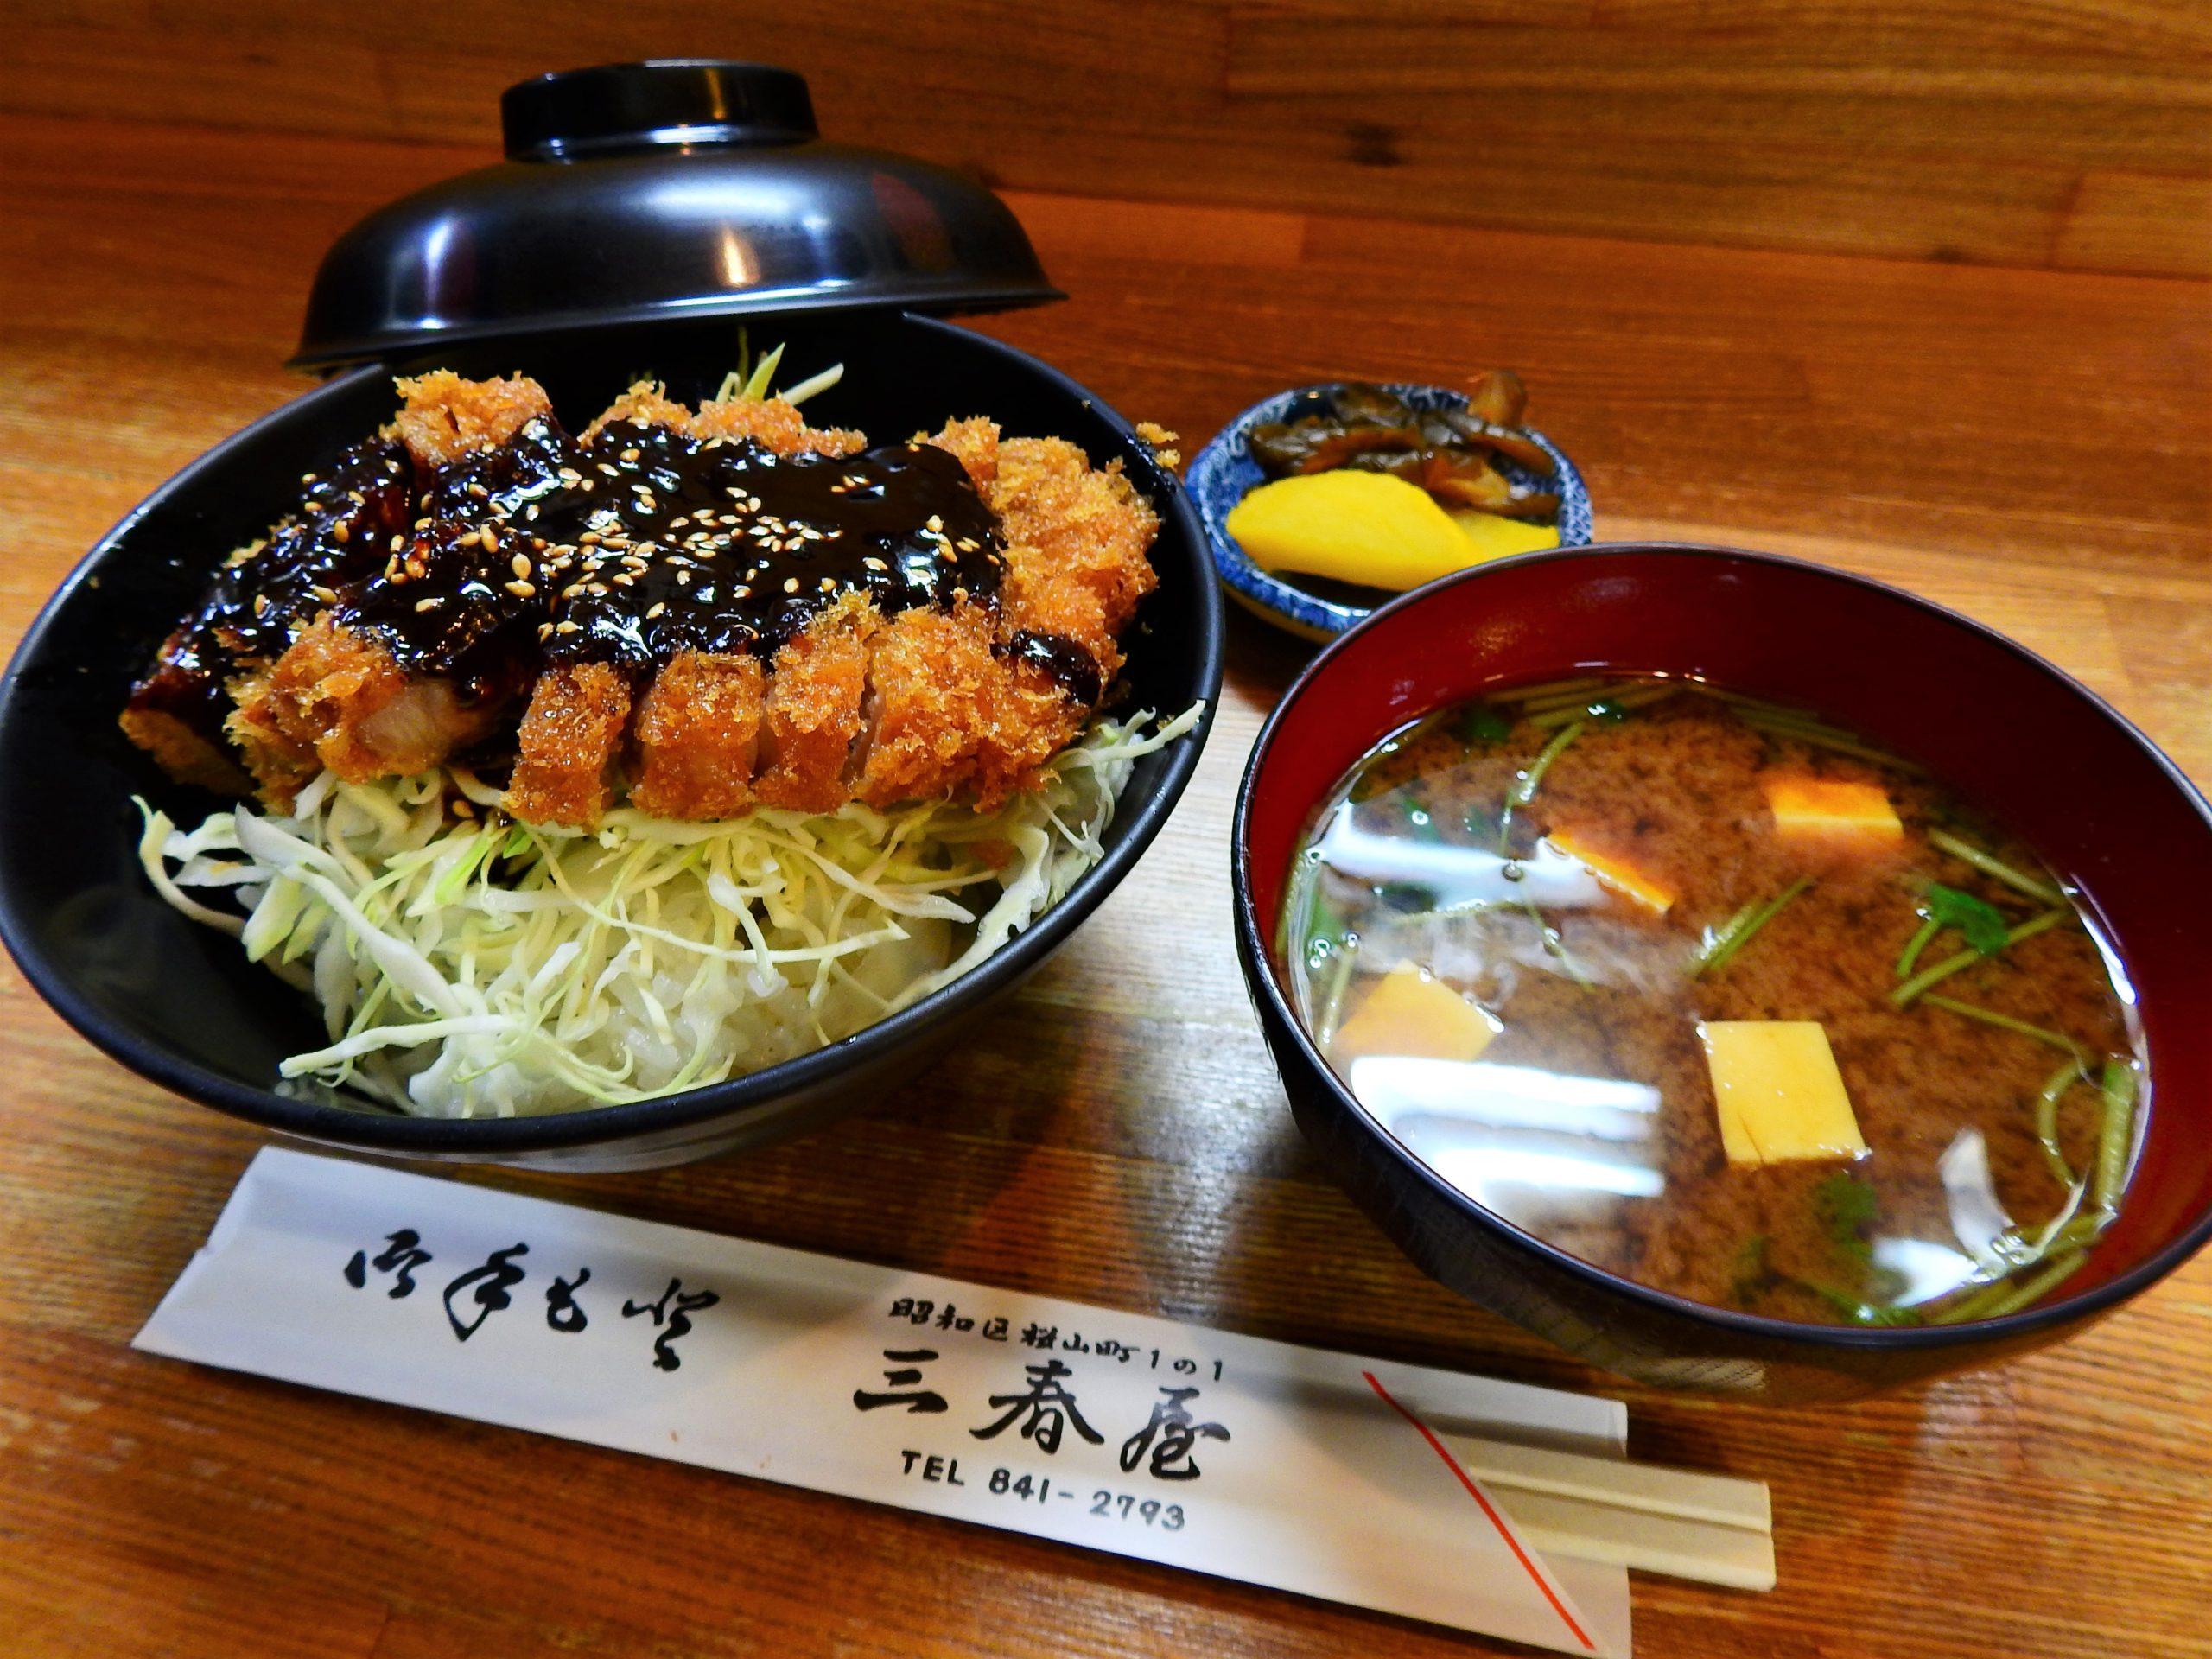 日本一周 旅飯 味噌カツ